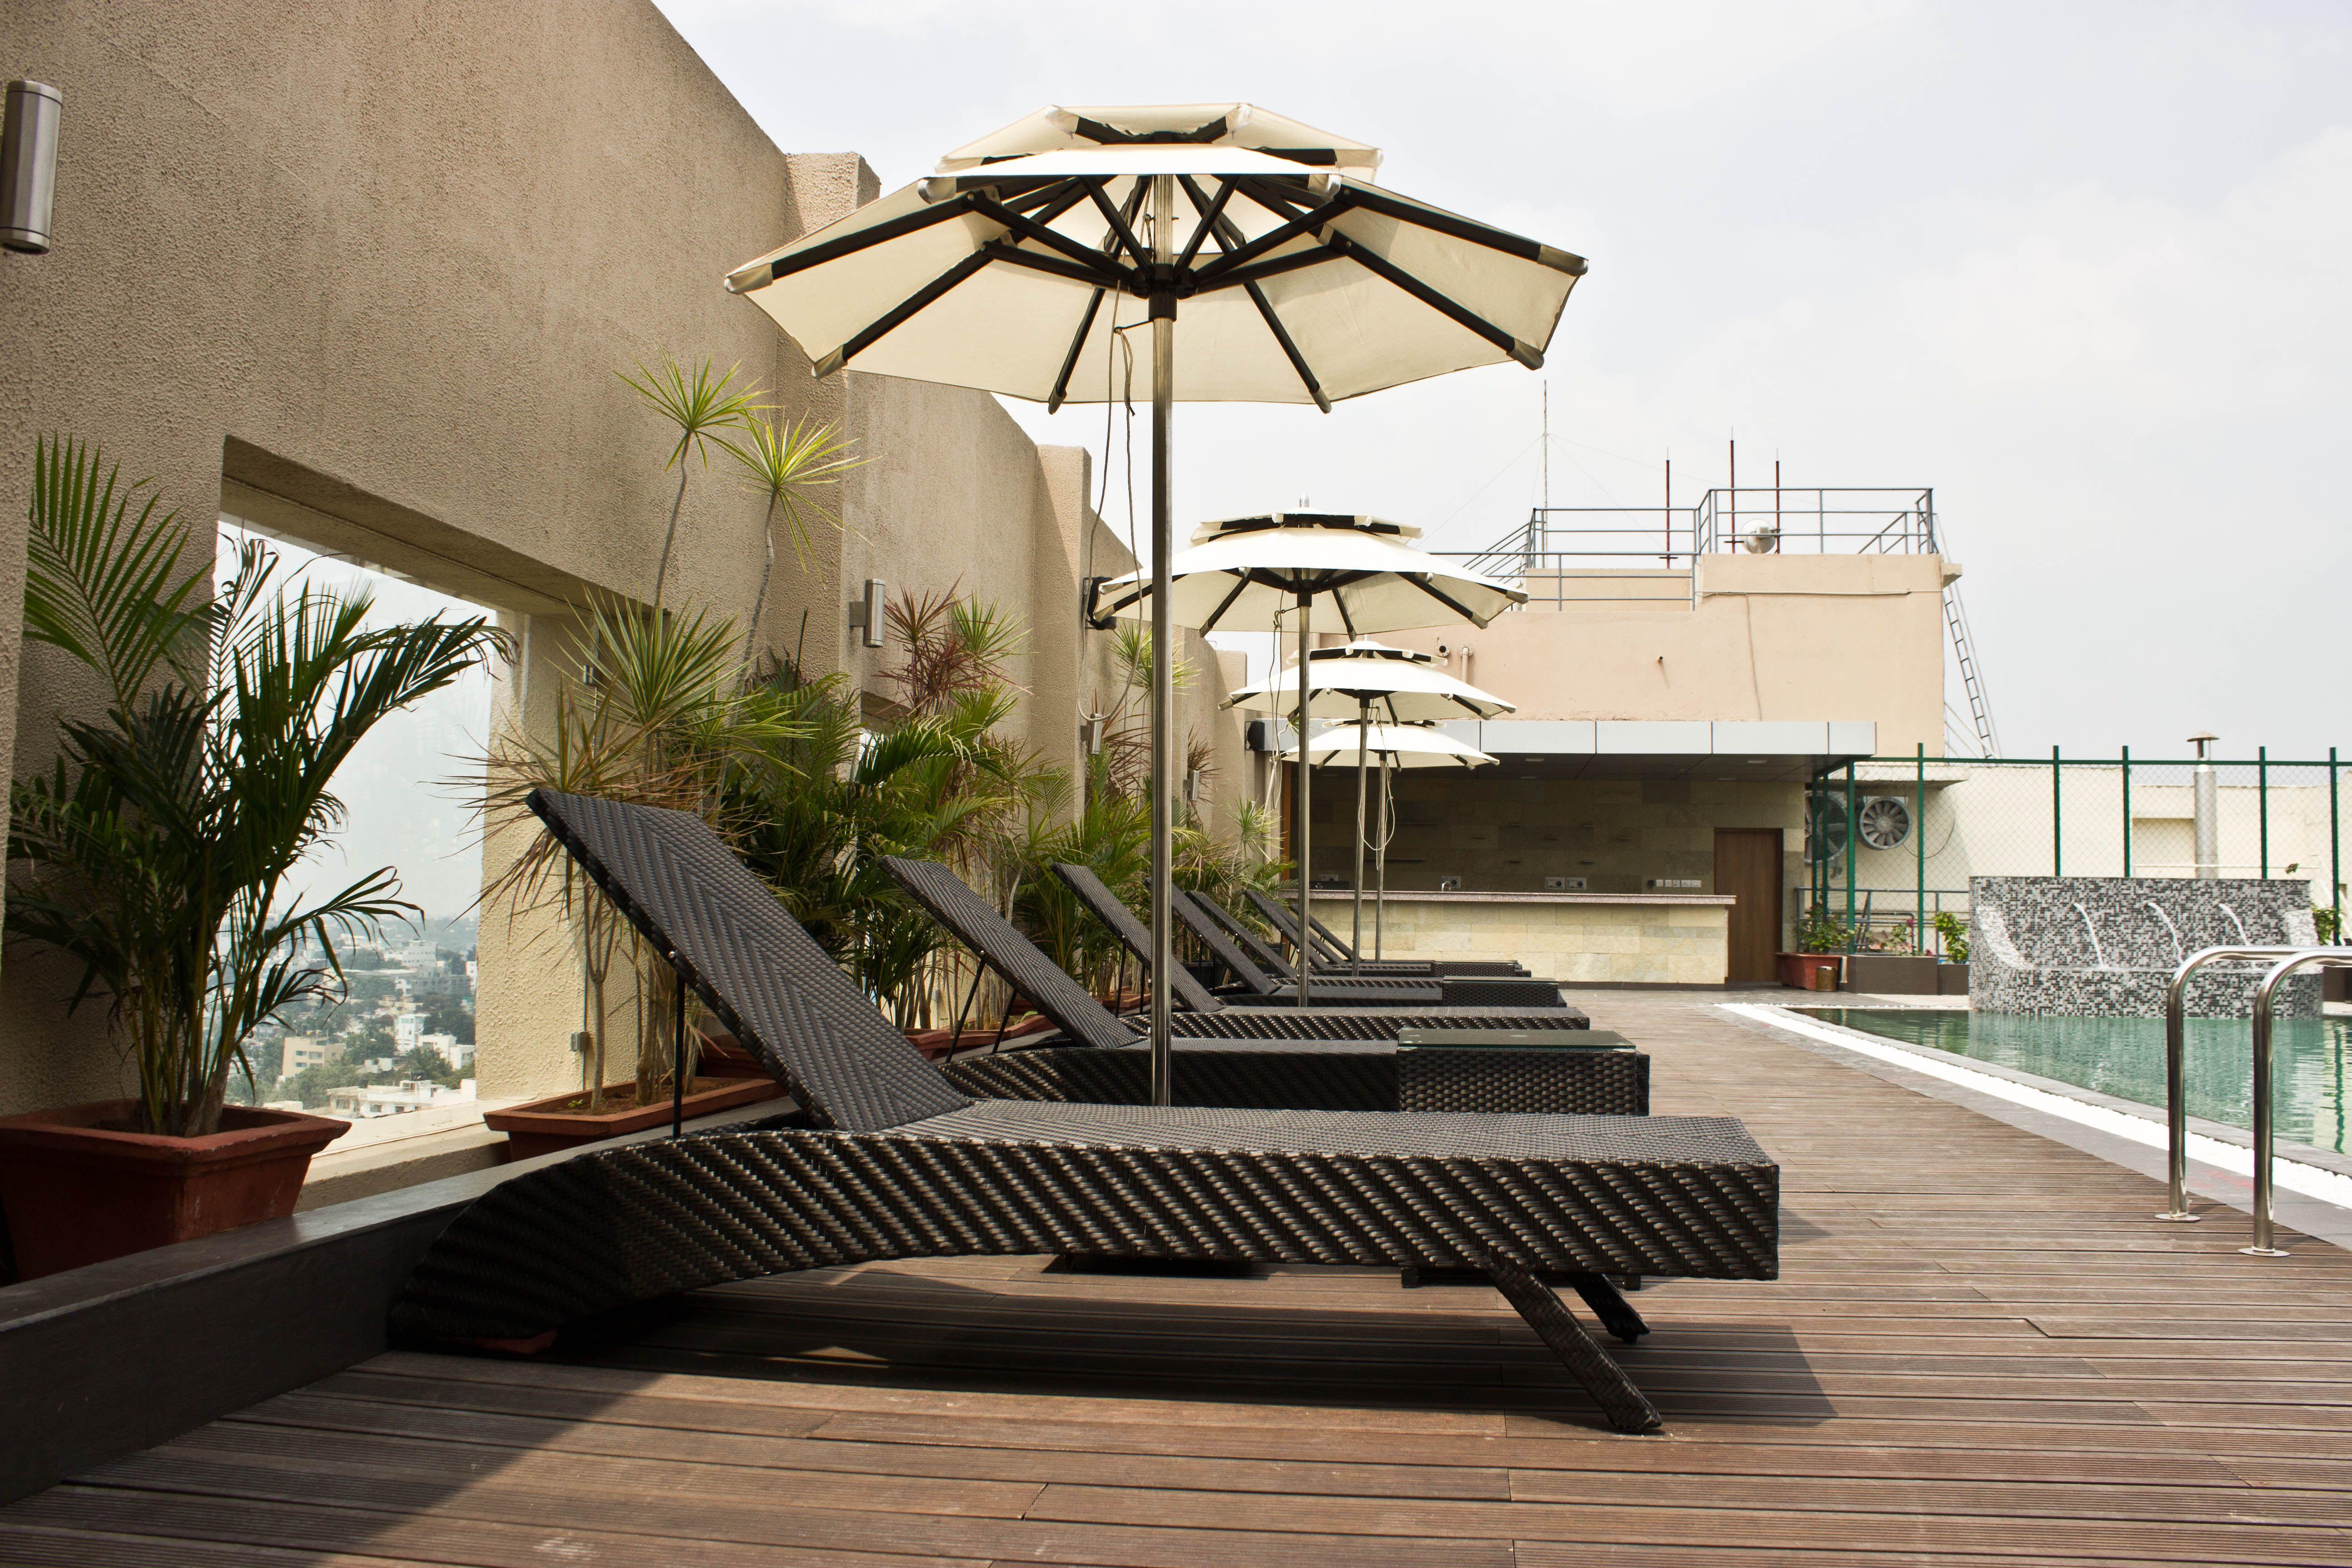 The Kava Fairfield By Marriott Outdoor decor, Sun